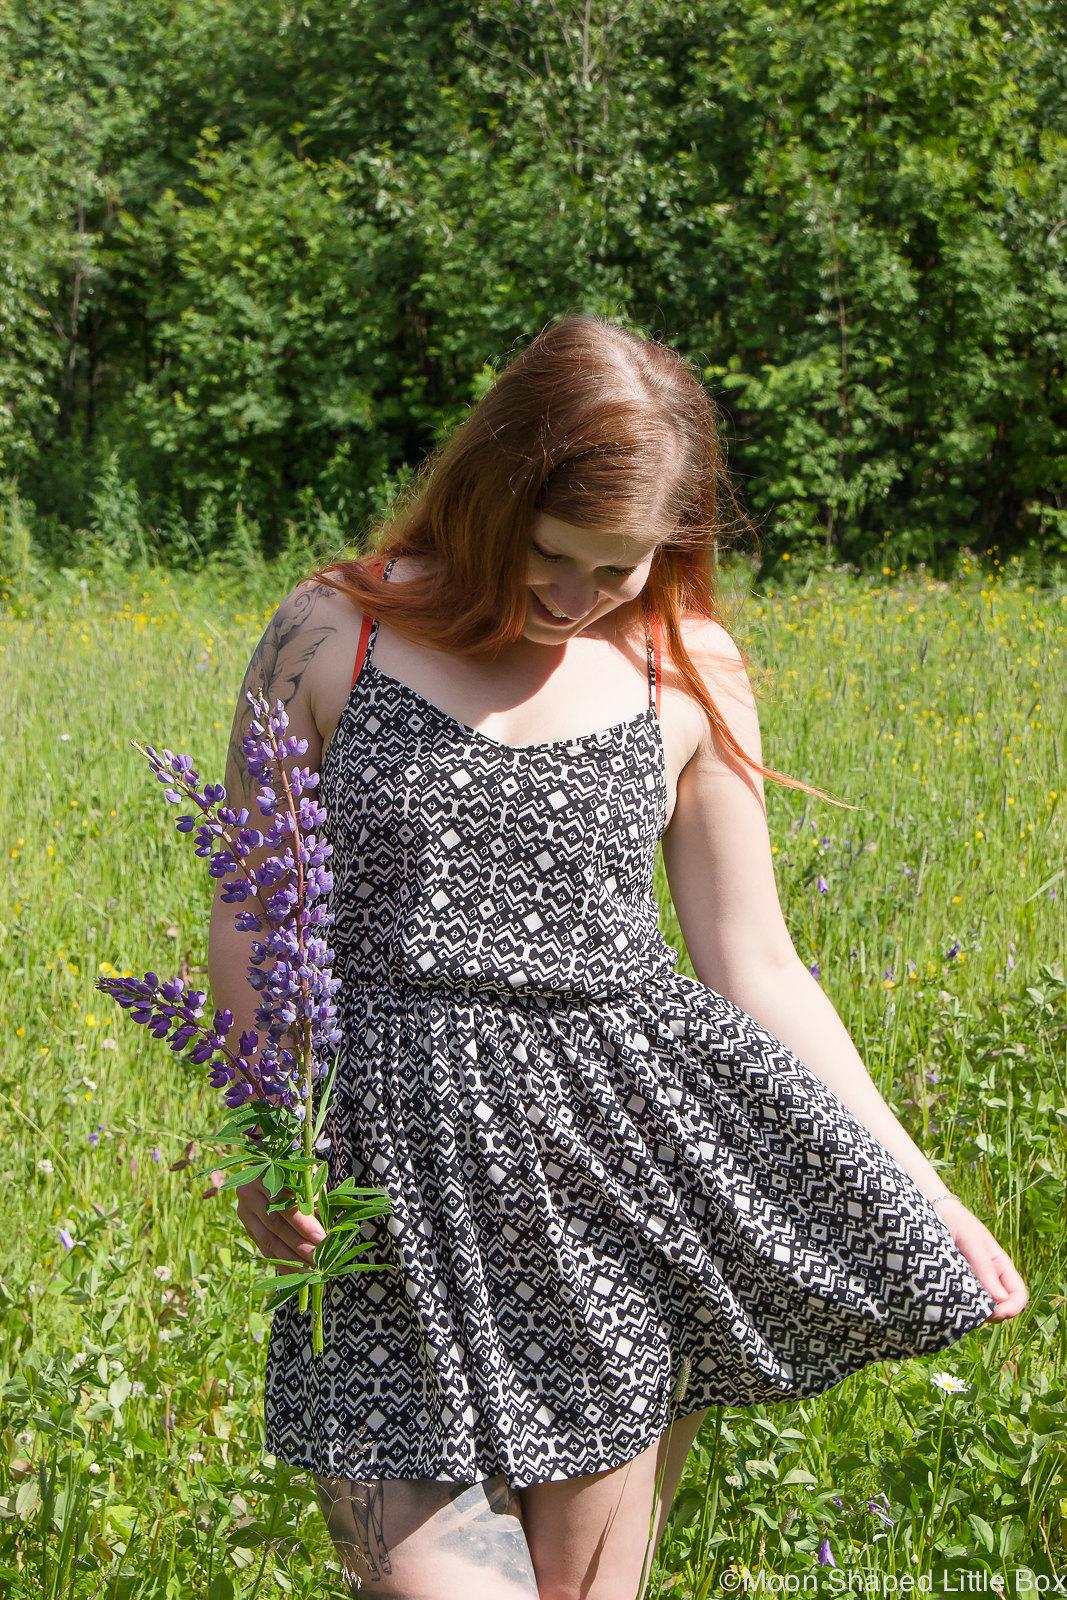 juhannus, midsummer feeling, midsummer, happy, summerdress, kesämekko